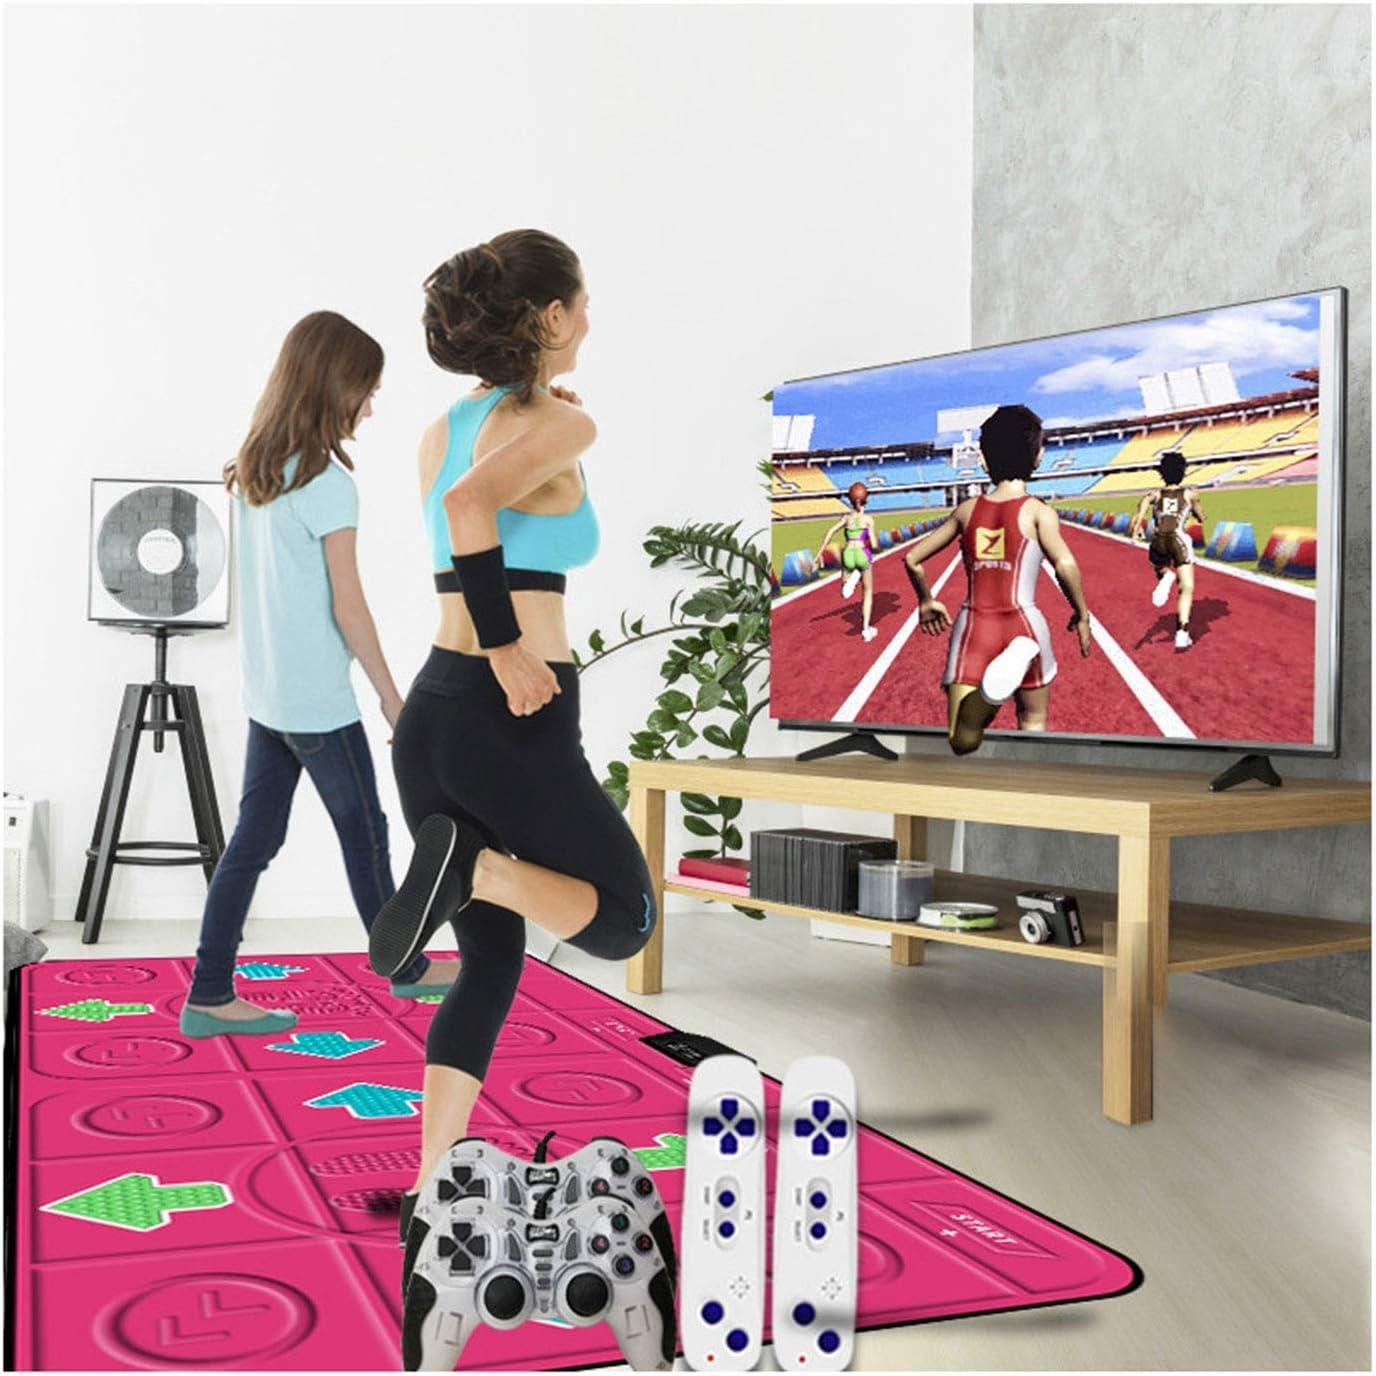 ACD Dance Finally resale Ultra-Cheap Deals start Pads Mats Double Players Yo Controller Games Mat